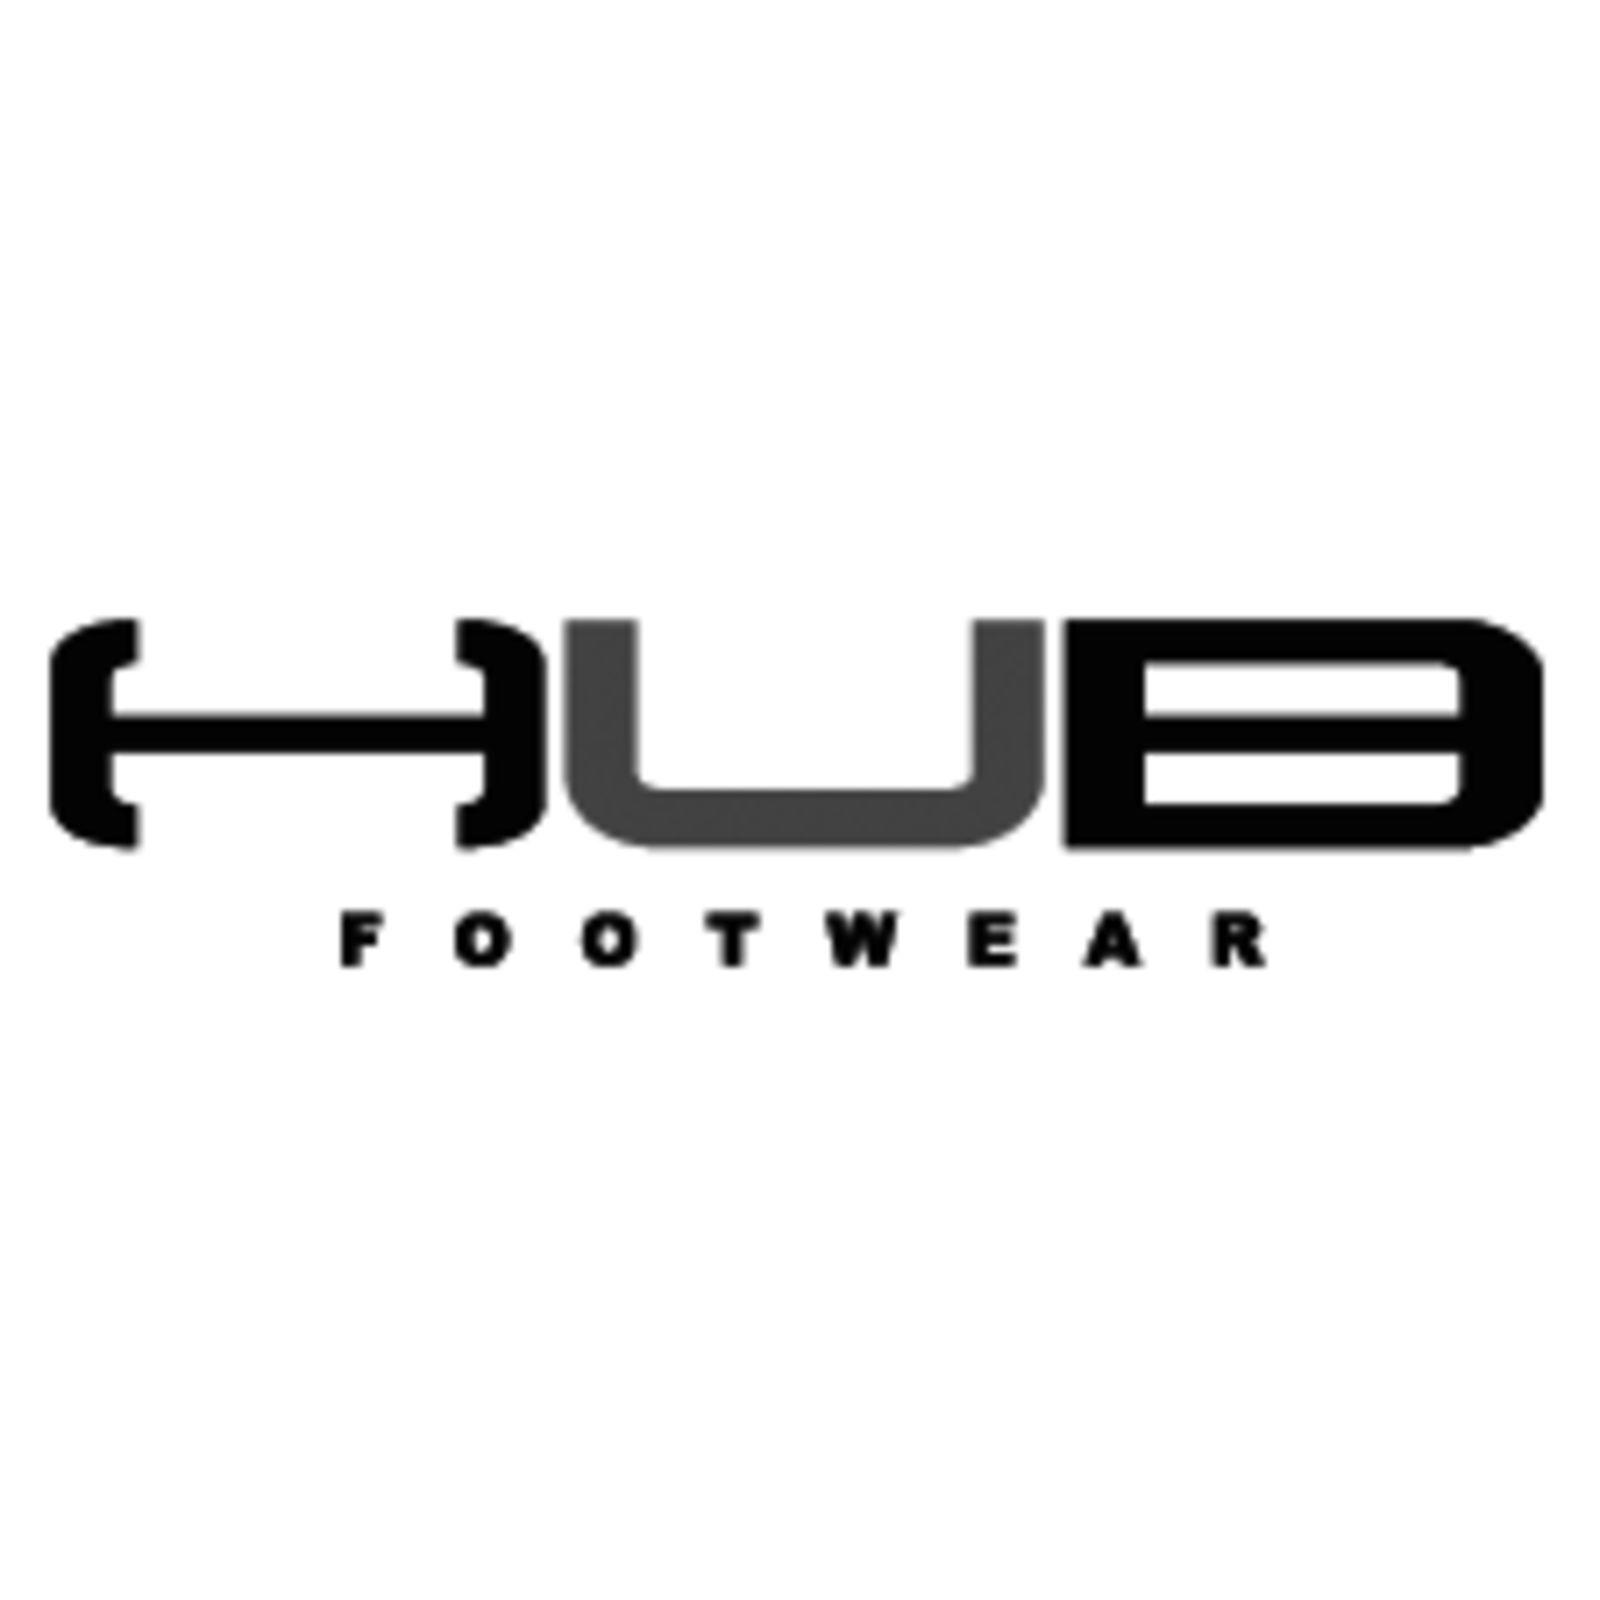 HUB Footwear (Bild 1)